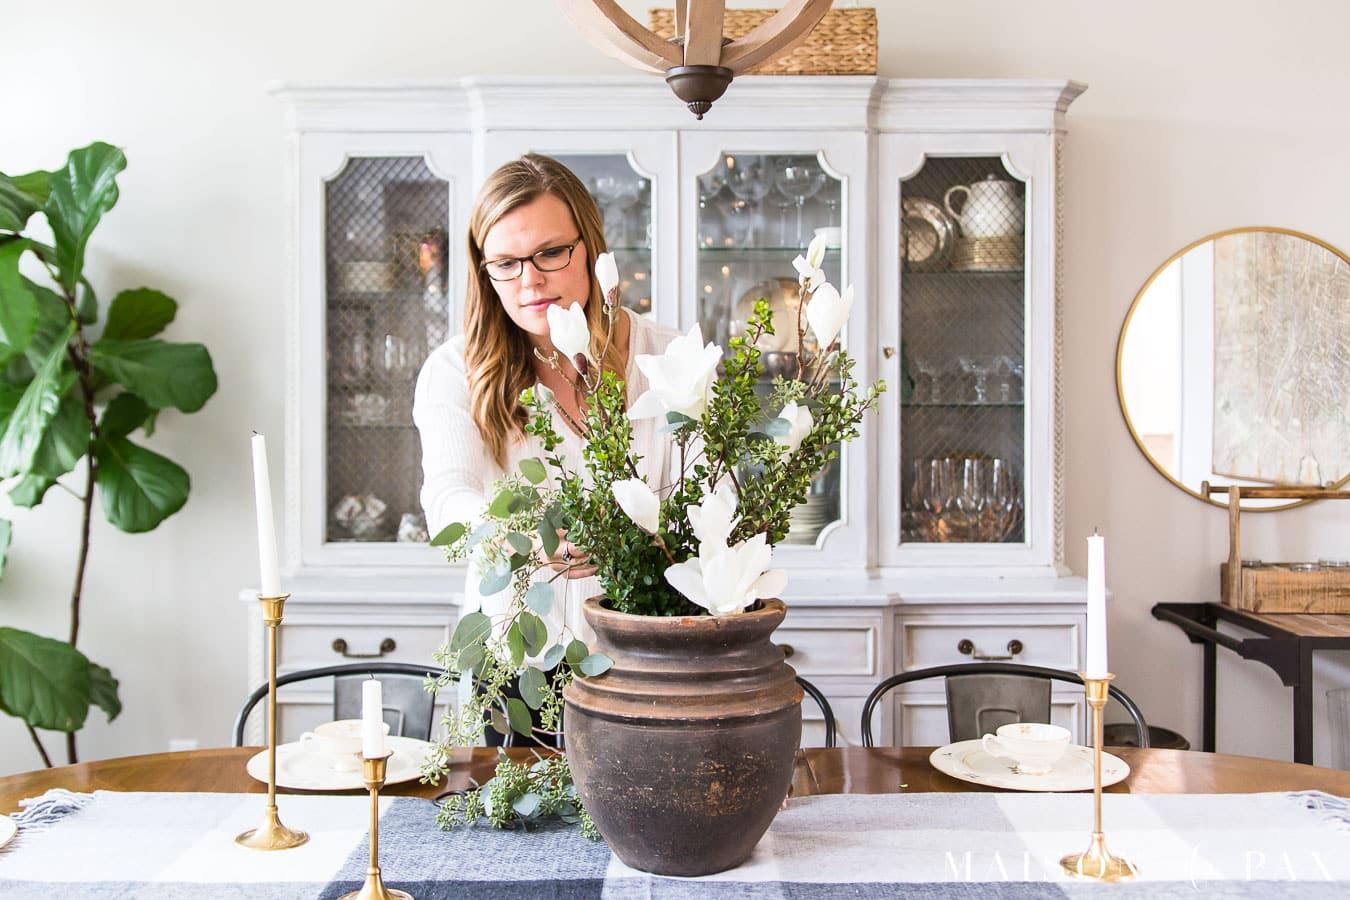 woman arranging holiday centerpiece | Maison de Pax